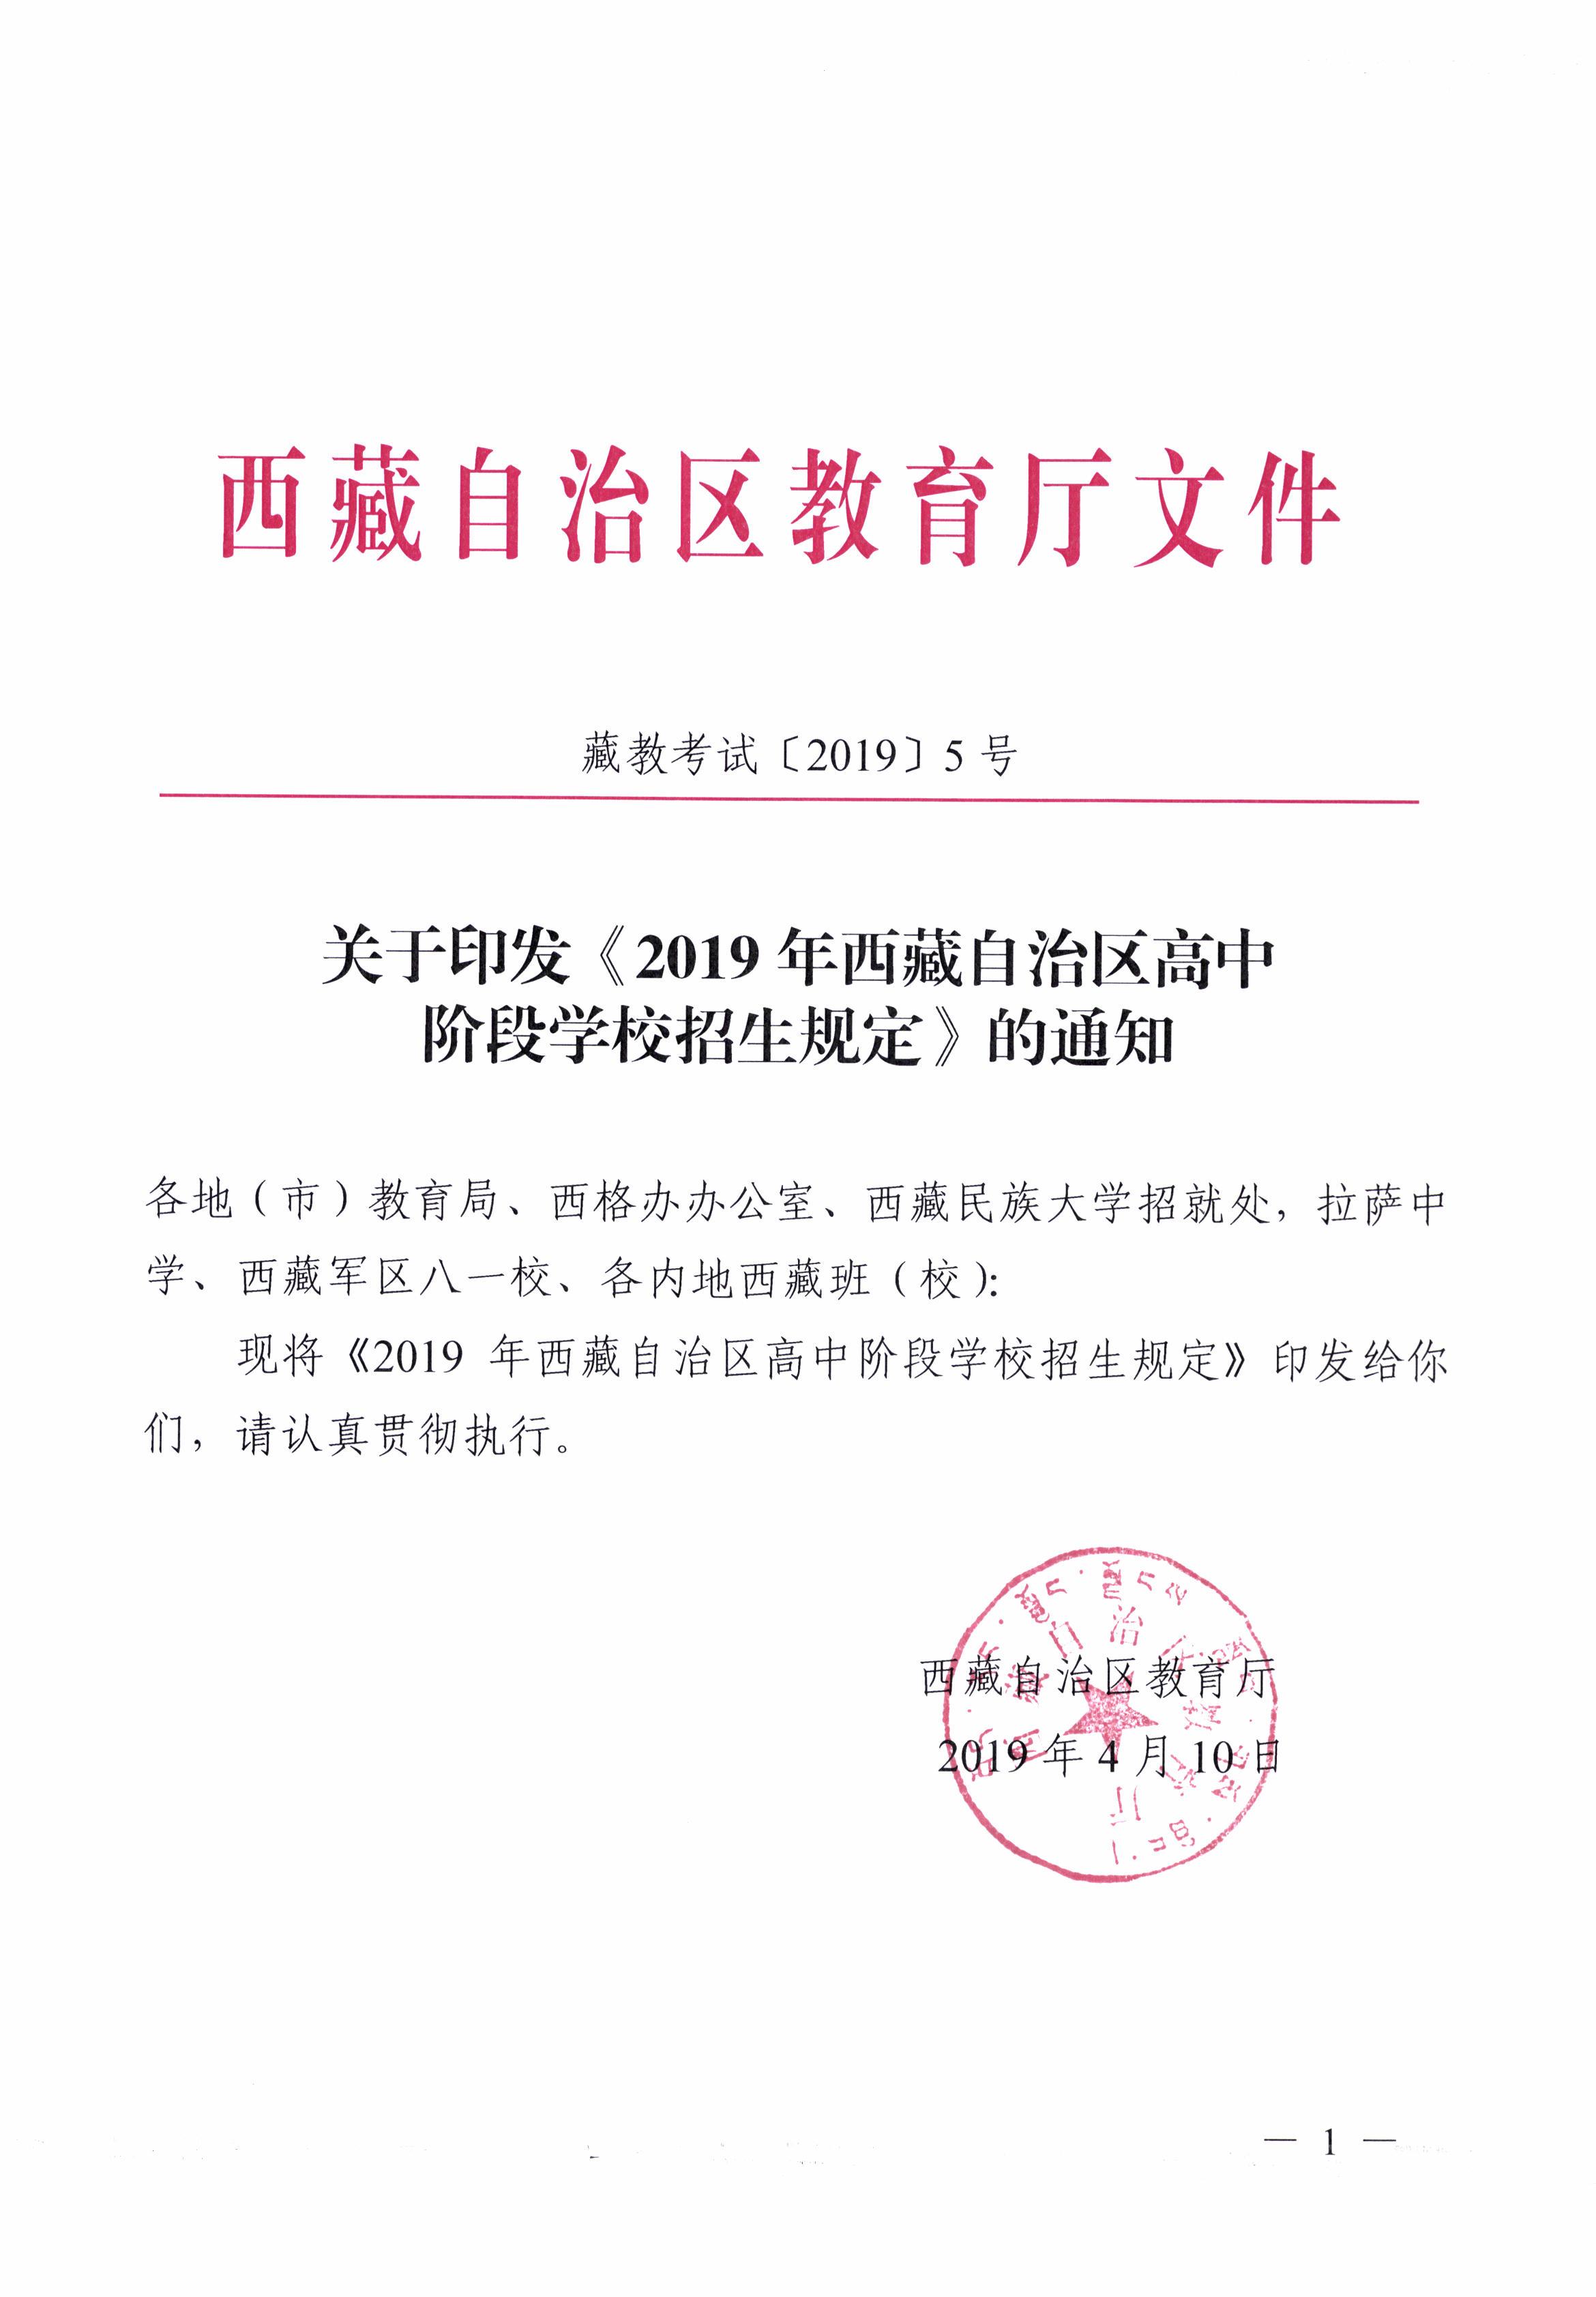 2019西藏自治区中考招生实施政策公告